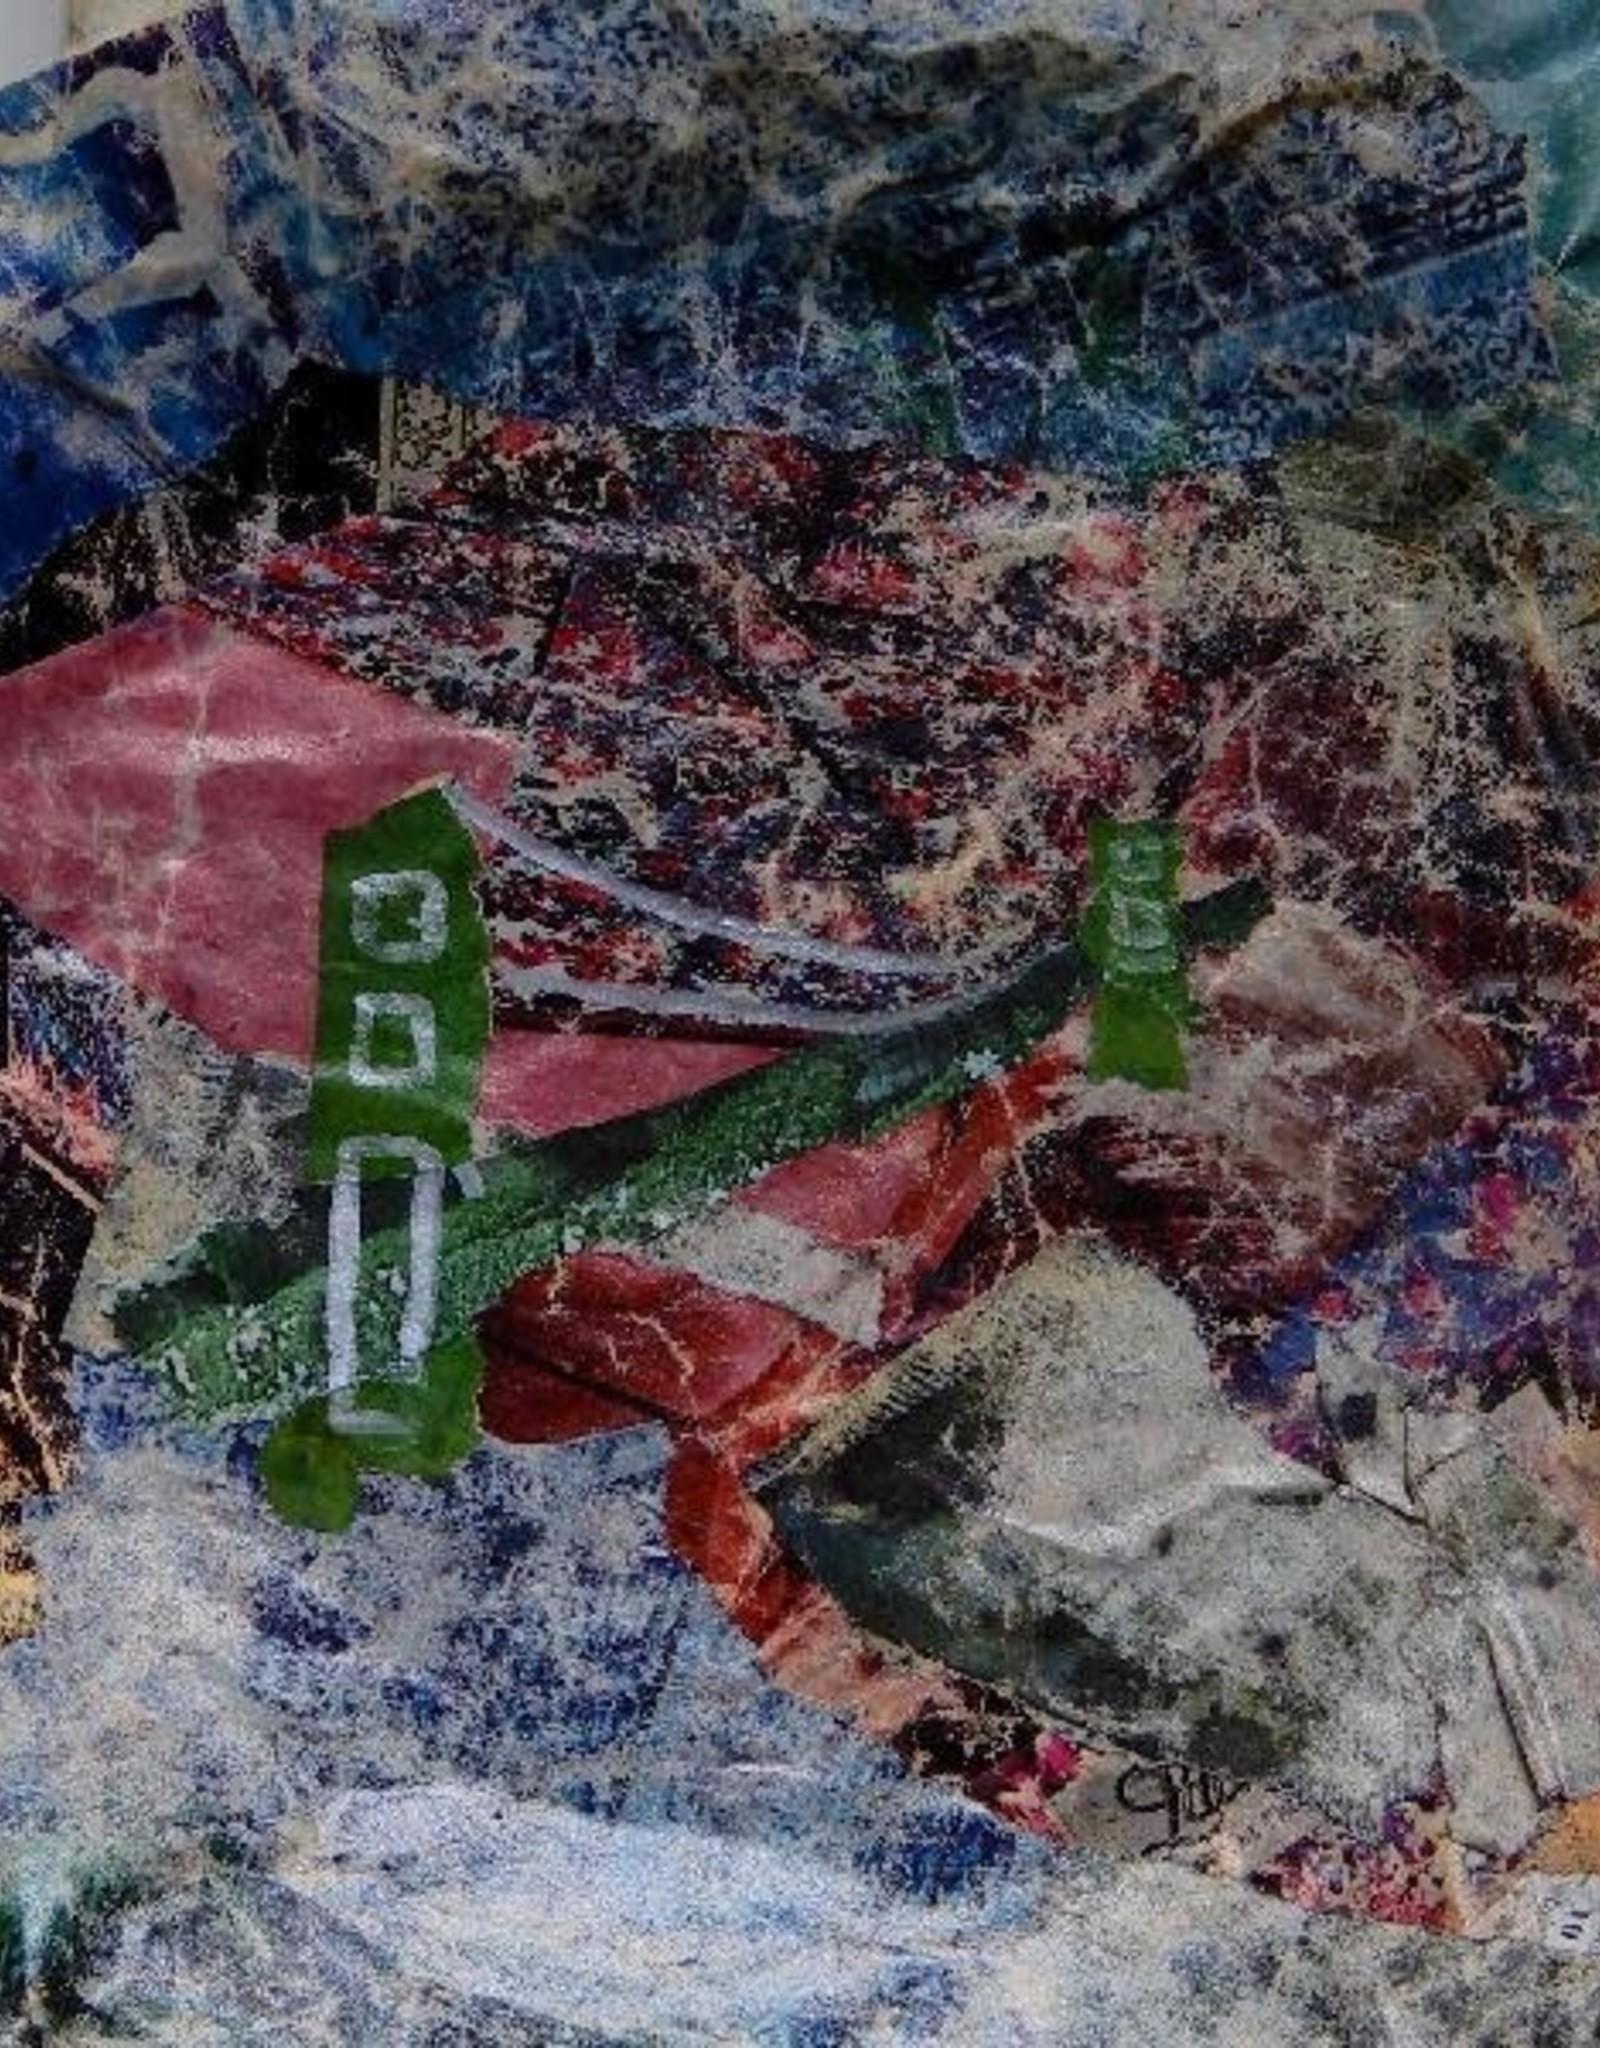 Animal Collective - Bridge to Quiet EP